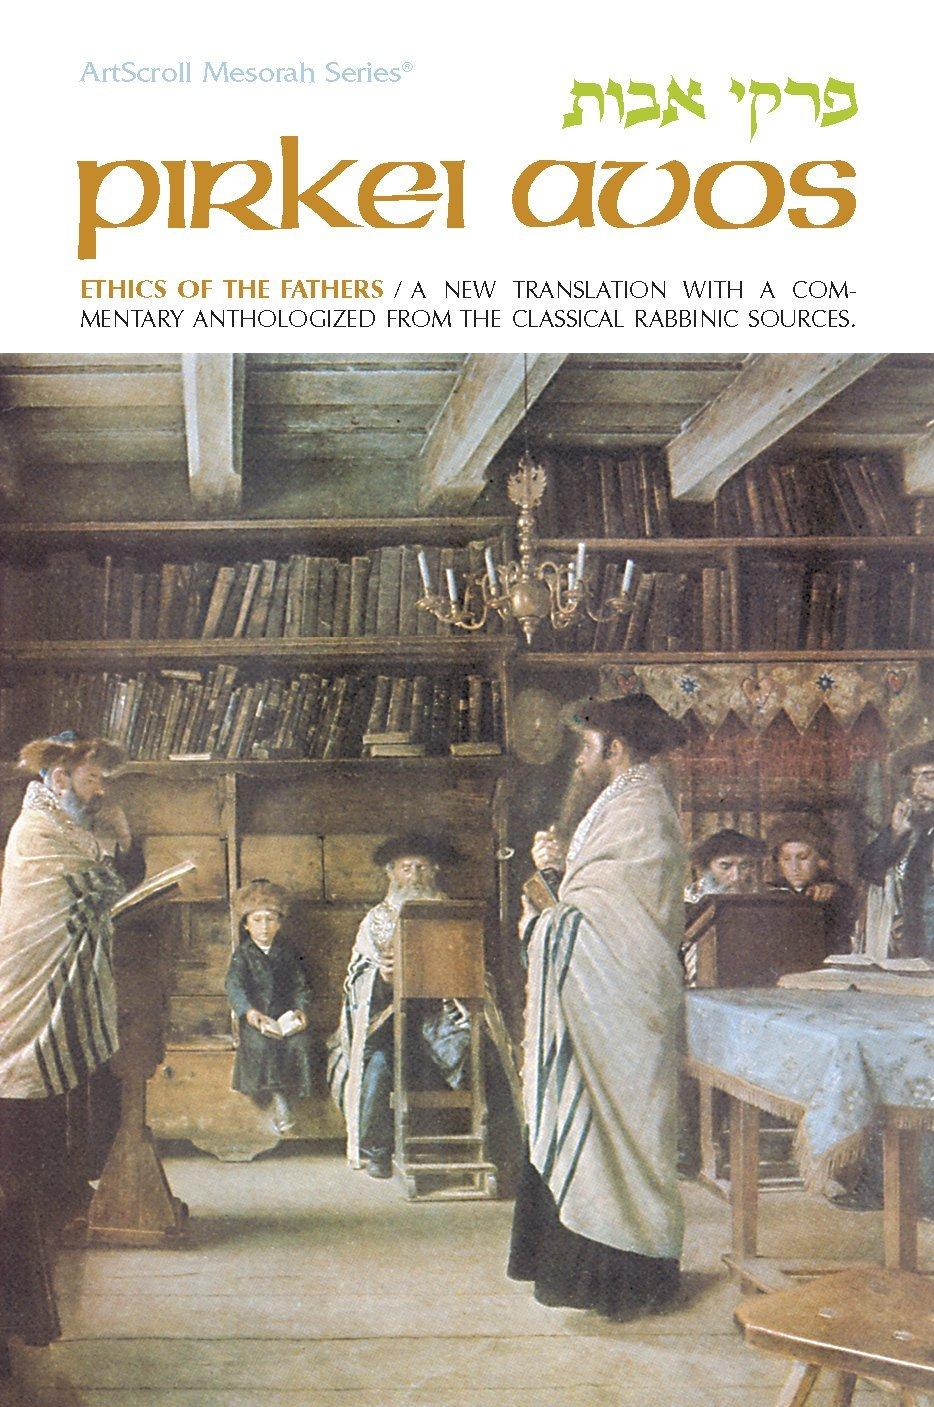 Ethics of the Fathers: Pirkei Avos por Meir Zlotowitz